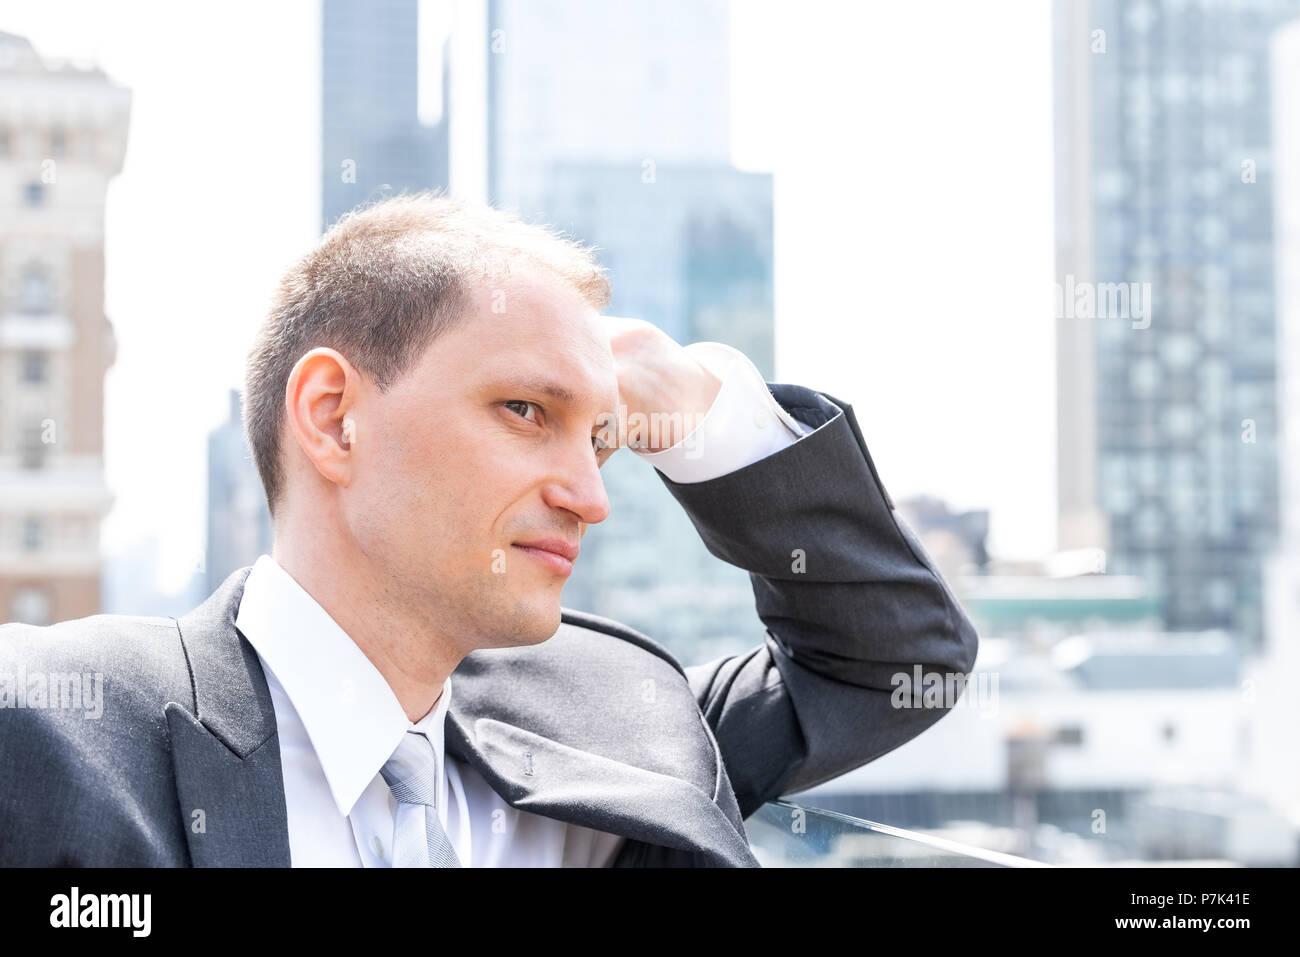 Beau, séduisant jeune homme de profil latéral libre face portrait standing in costume, cravate, à la ville paysage urbain à New York skyline dans Manhatt Banque D'Images